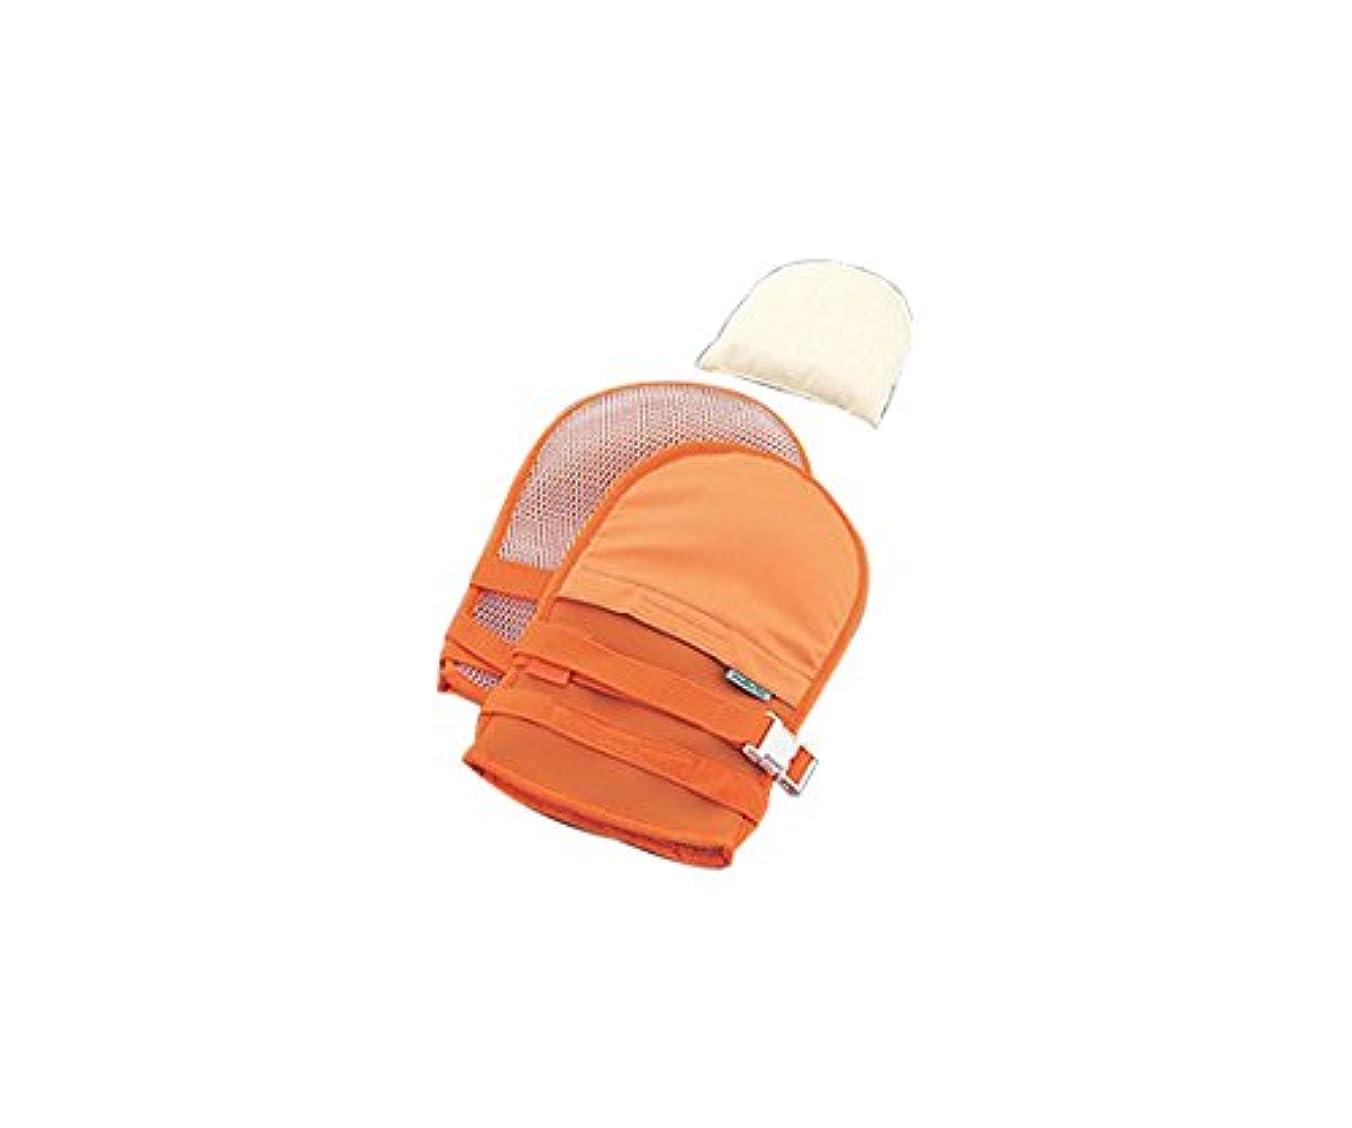 限り早める方法論ナビス(アズワン)0-1638-43抜管防止手袋小メッシュオレンジ